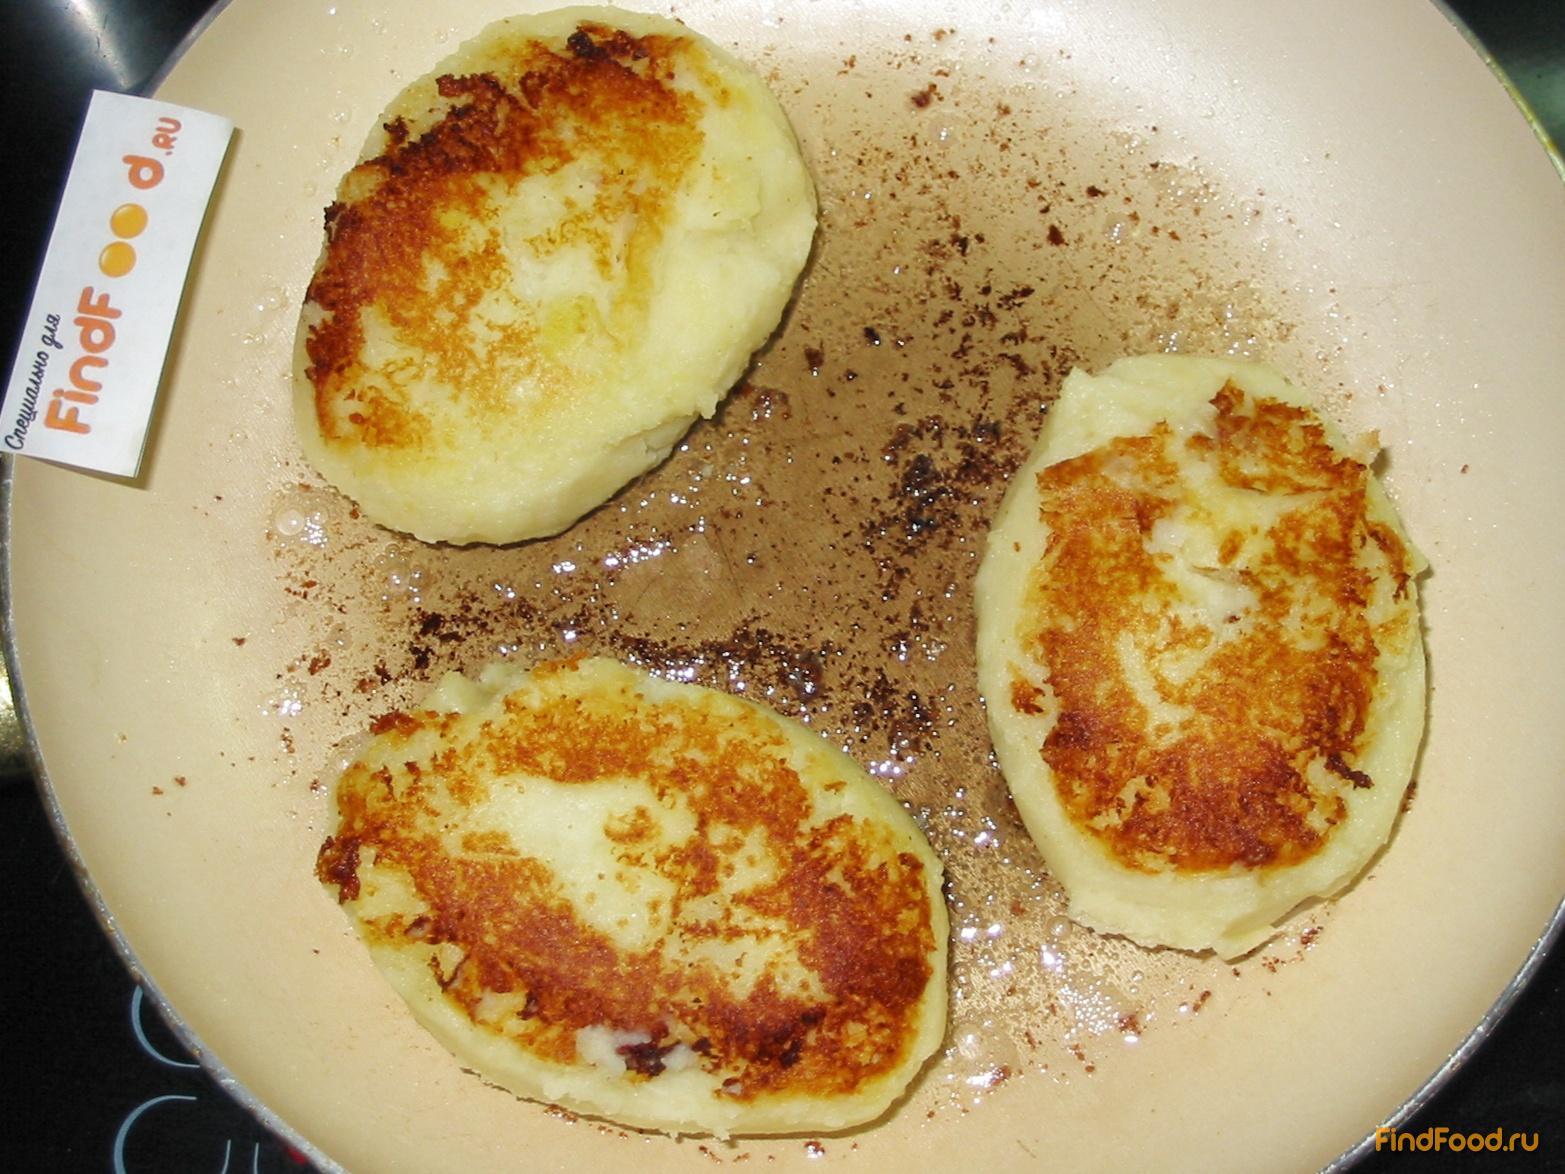 Картофельный пирог на сковороде рецепт пошагово